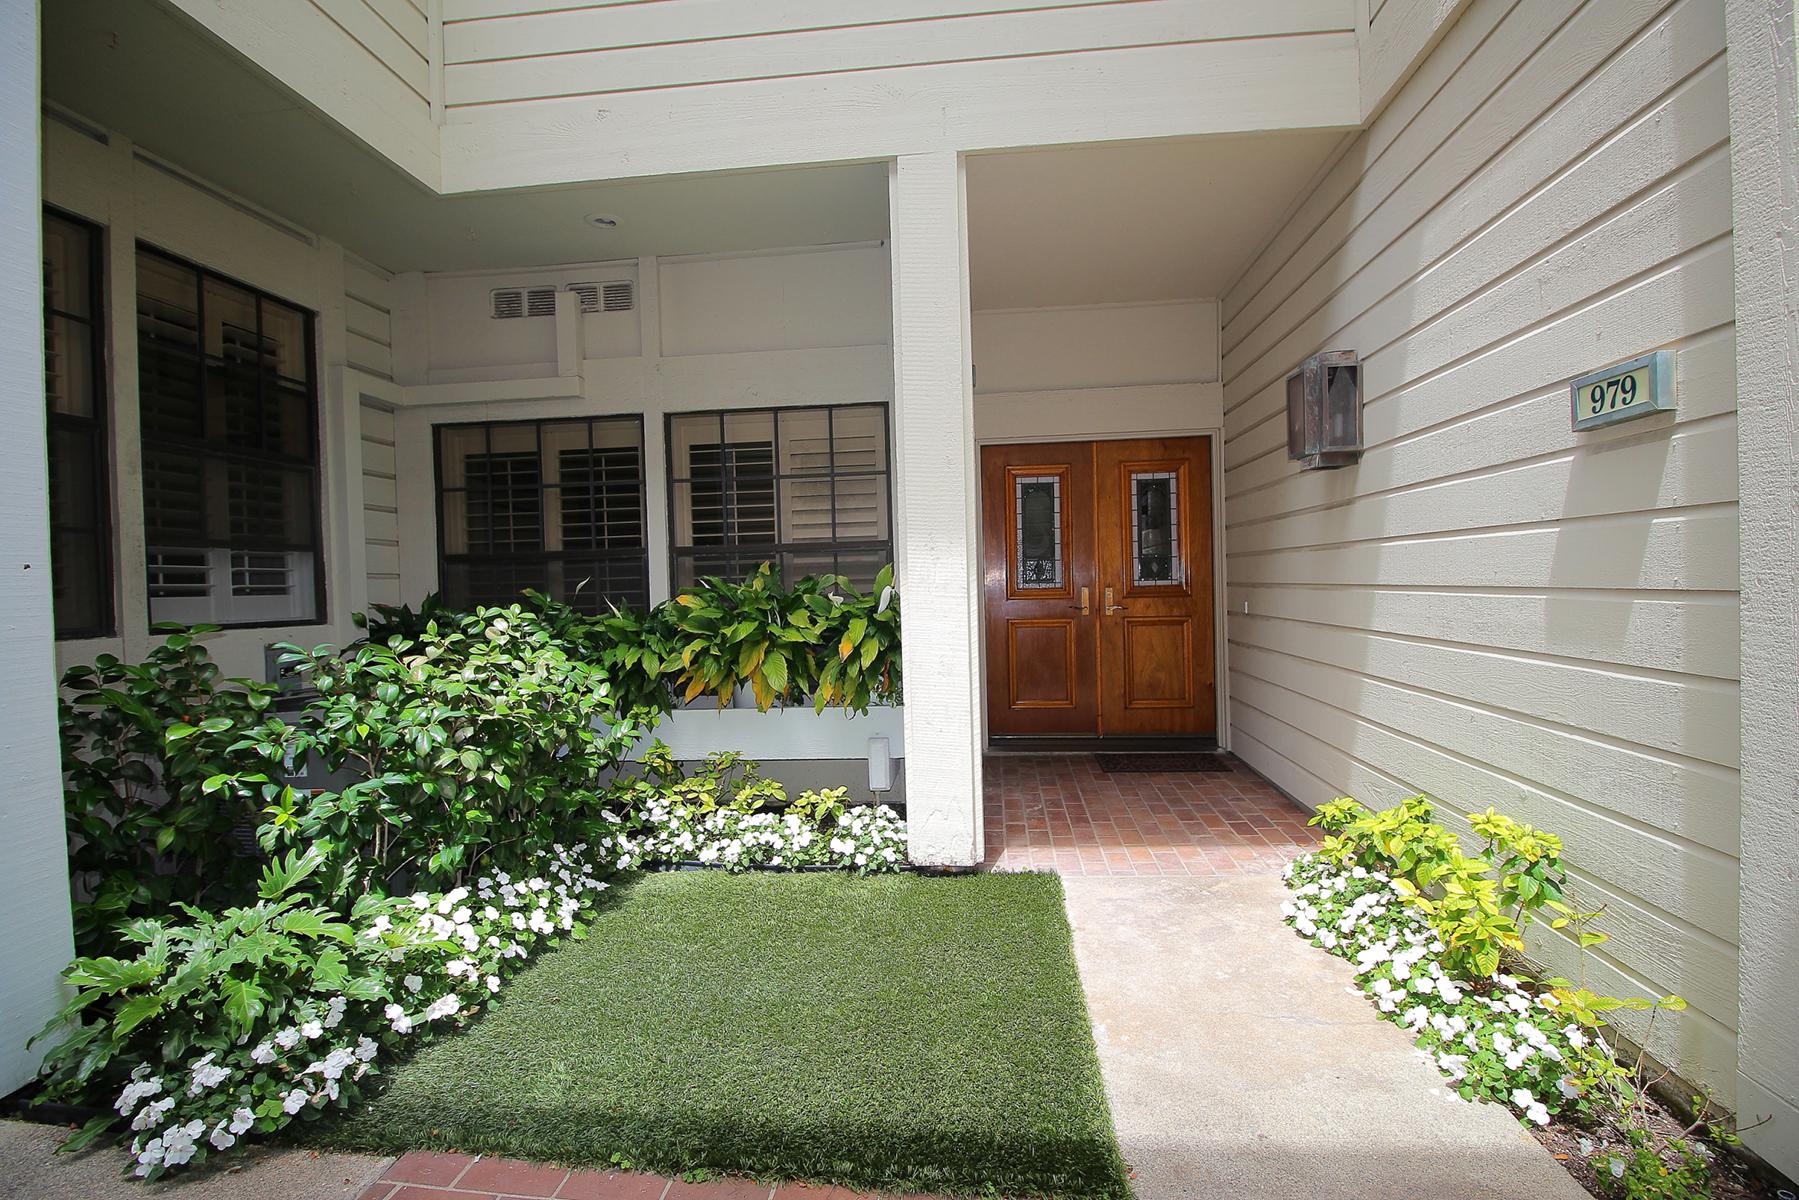 Кооперативная квартира для того Продажа на 979 Bayside Cove Newport Beach, Калифорния 92660 Соединенные Штаты